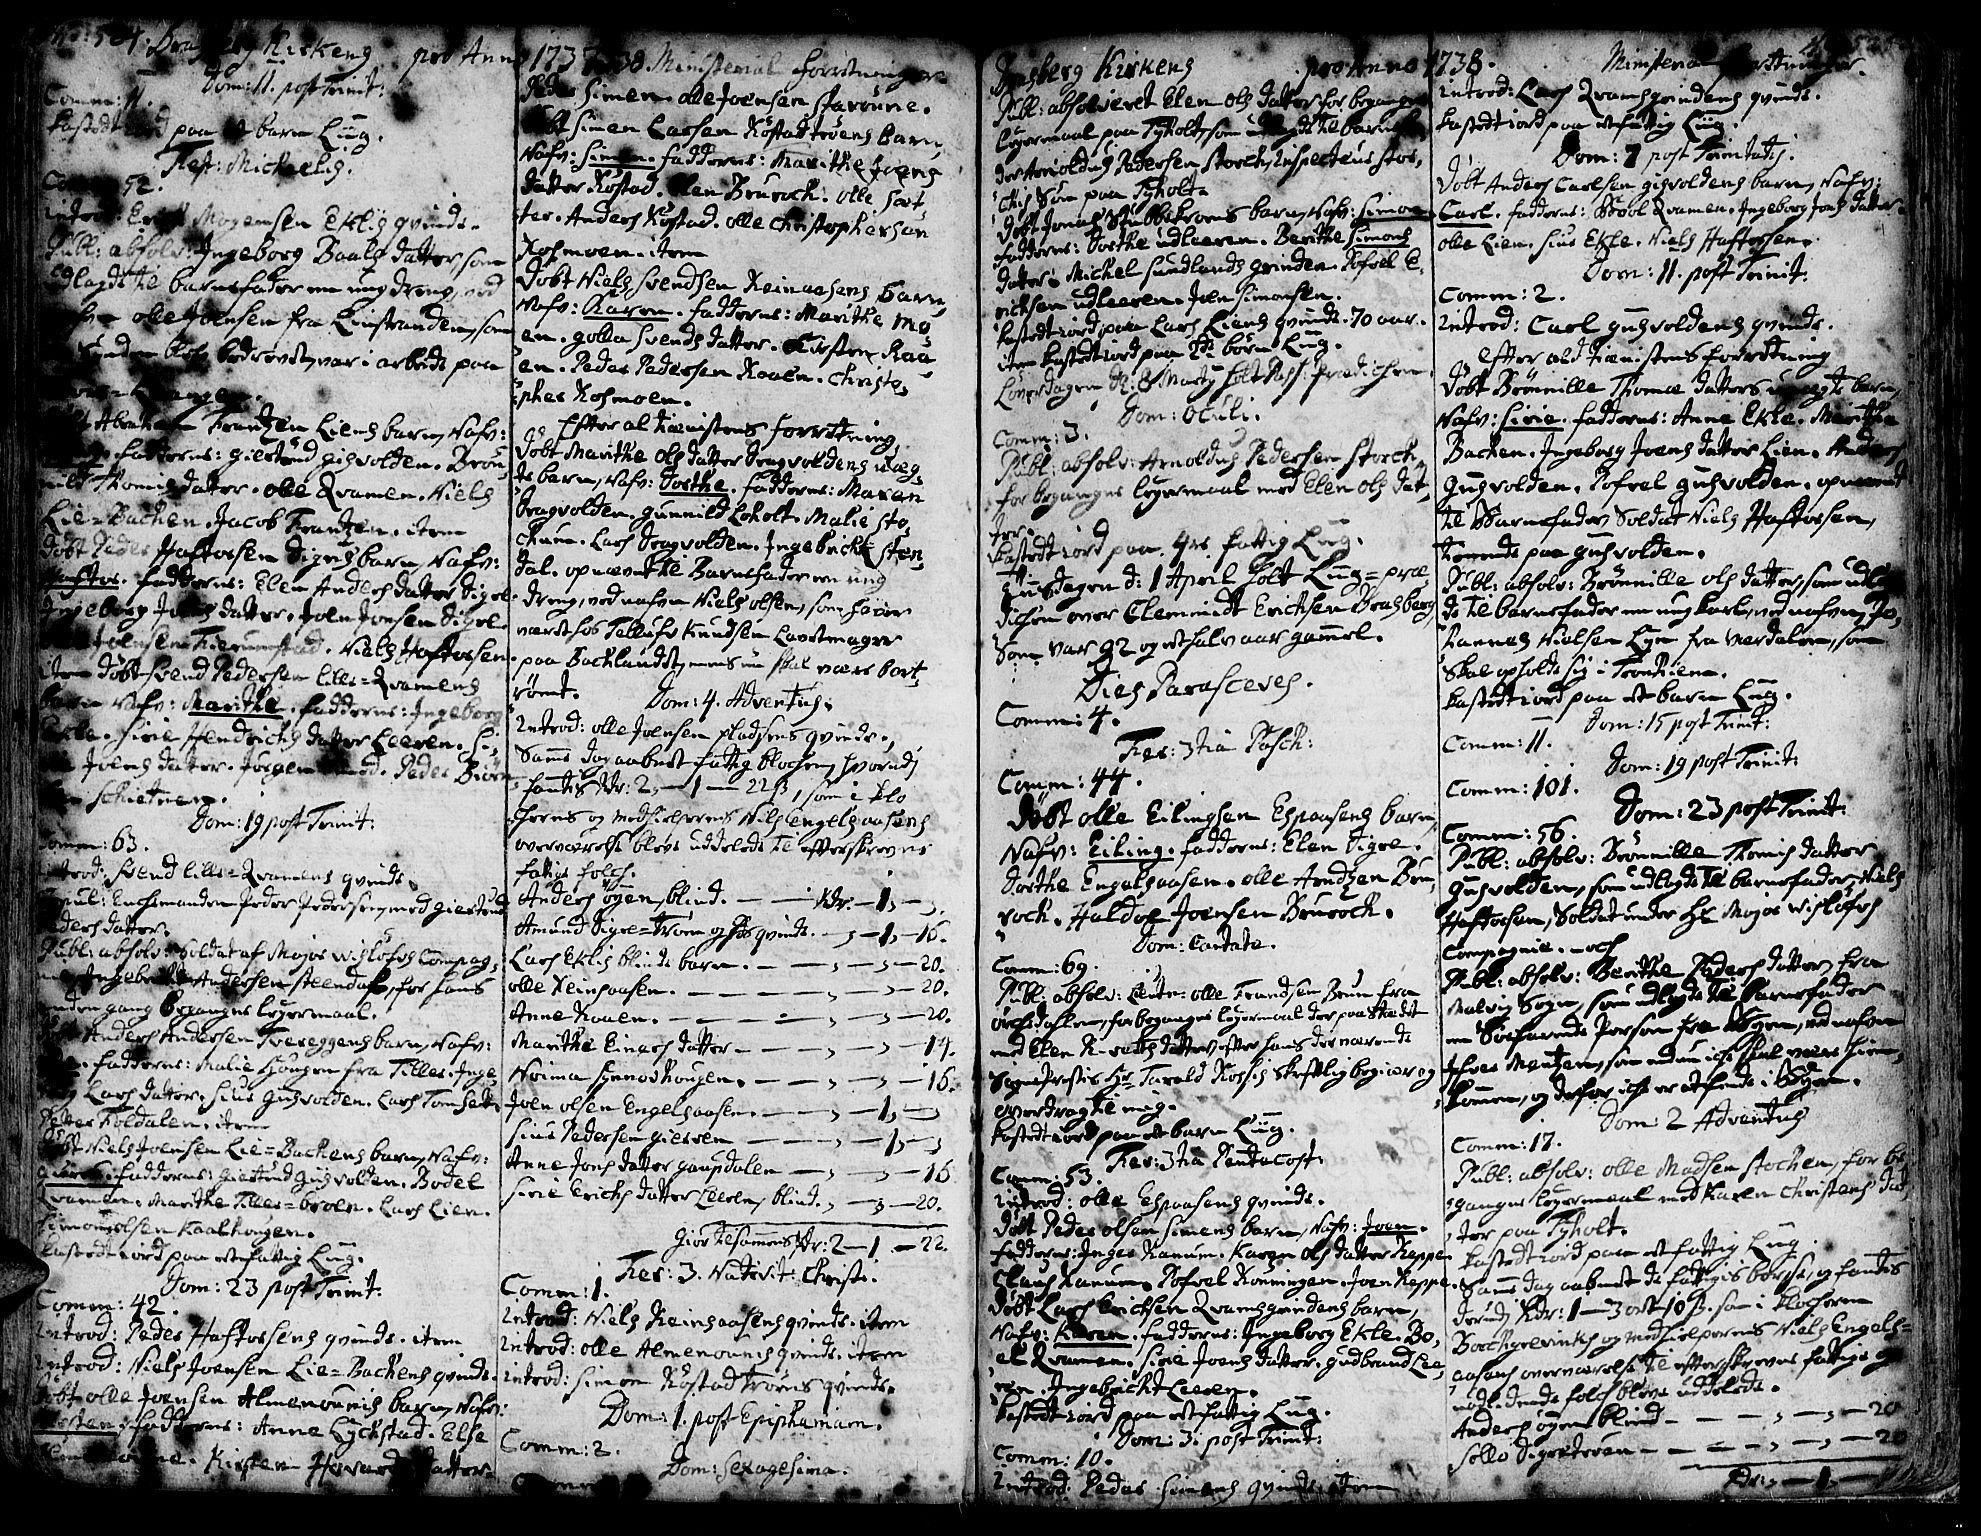 SAT, Ministerialprotokoller, klokkerbøker og fødselsregistre - Sør-Trøndelag, 606/L0278: Ministerialbok nr. 606A01 /4, 1727-1780, s. 524-525